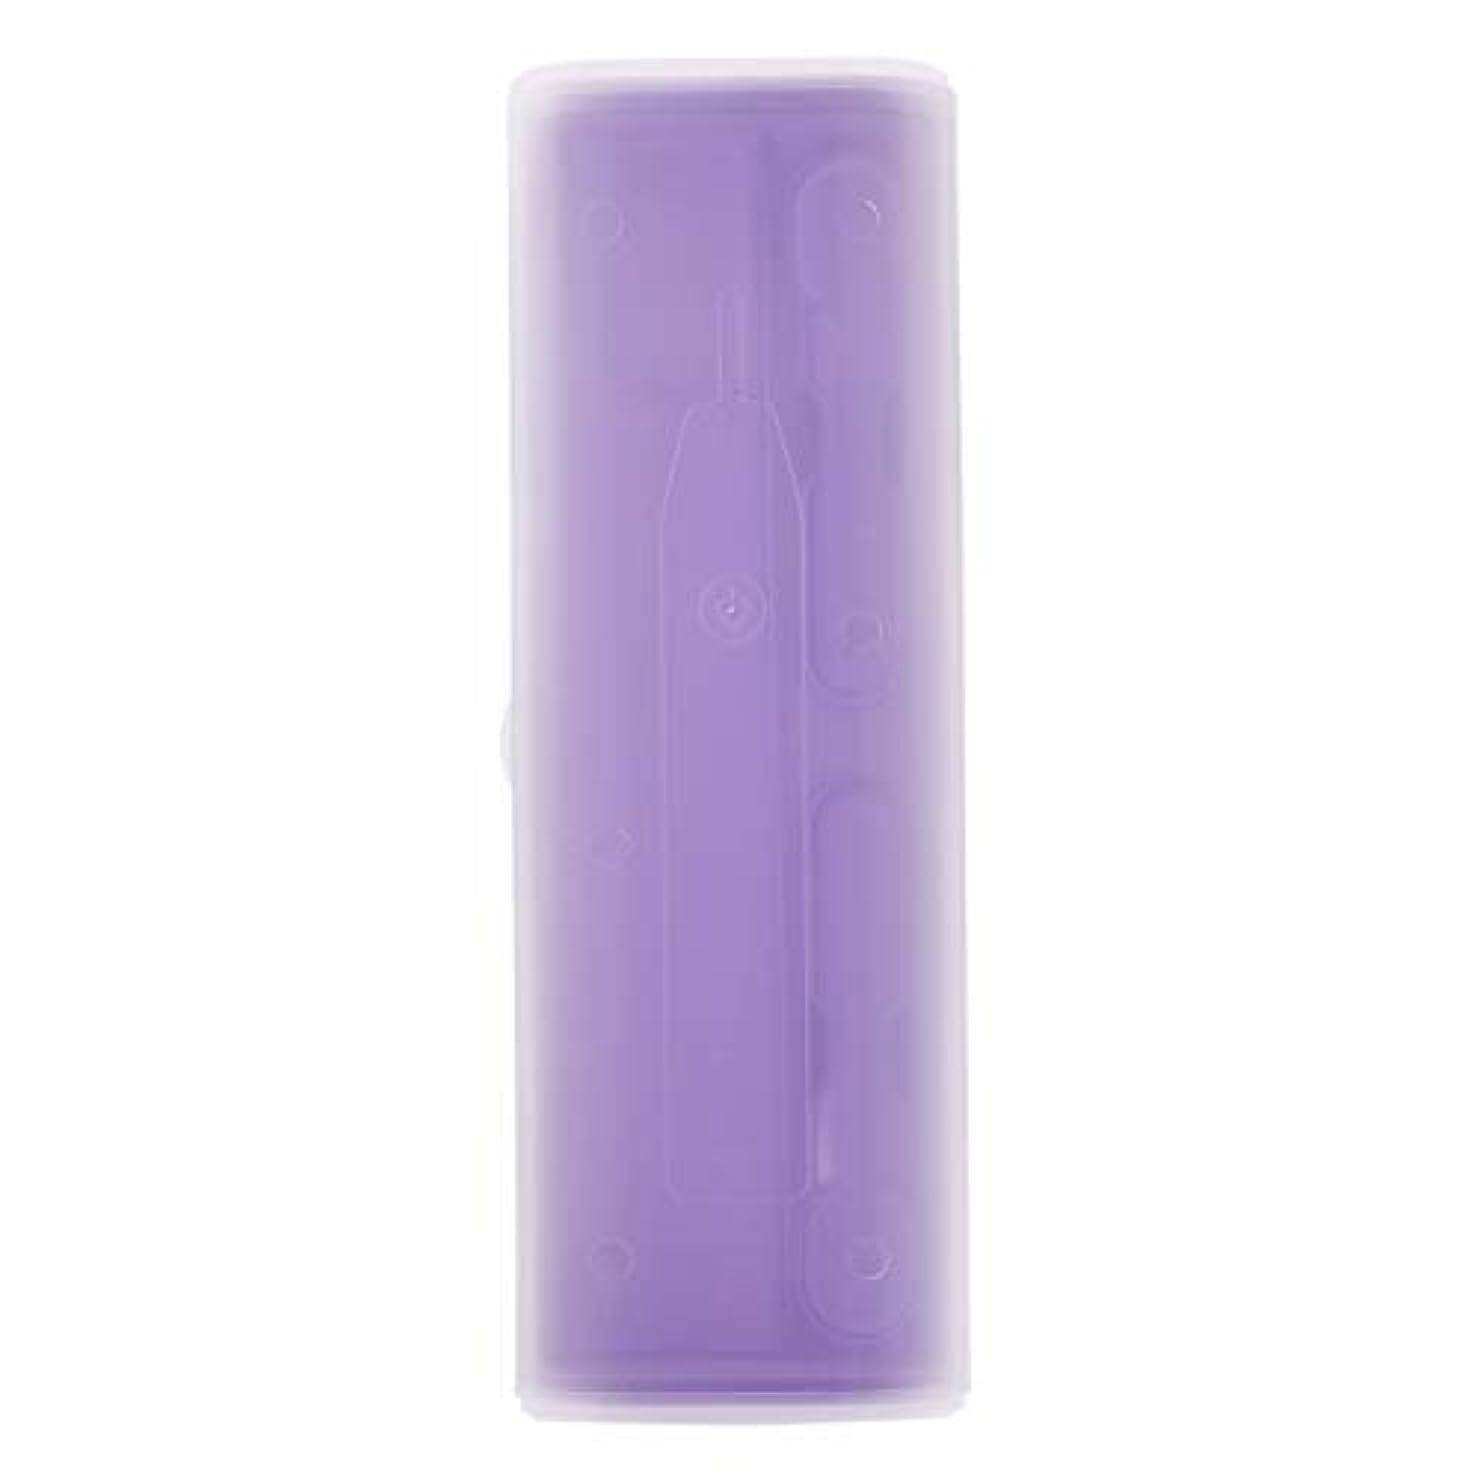 検閲可聴経験RETYLY 携帯用電動歯ブラシホルダーケースボックス旅行キャンプ Oral-Bに適合 4色(パープル)